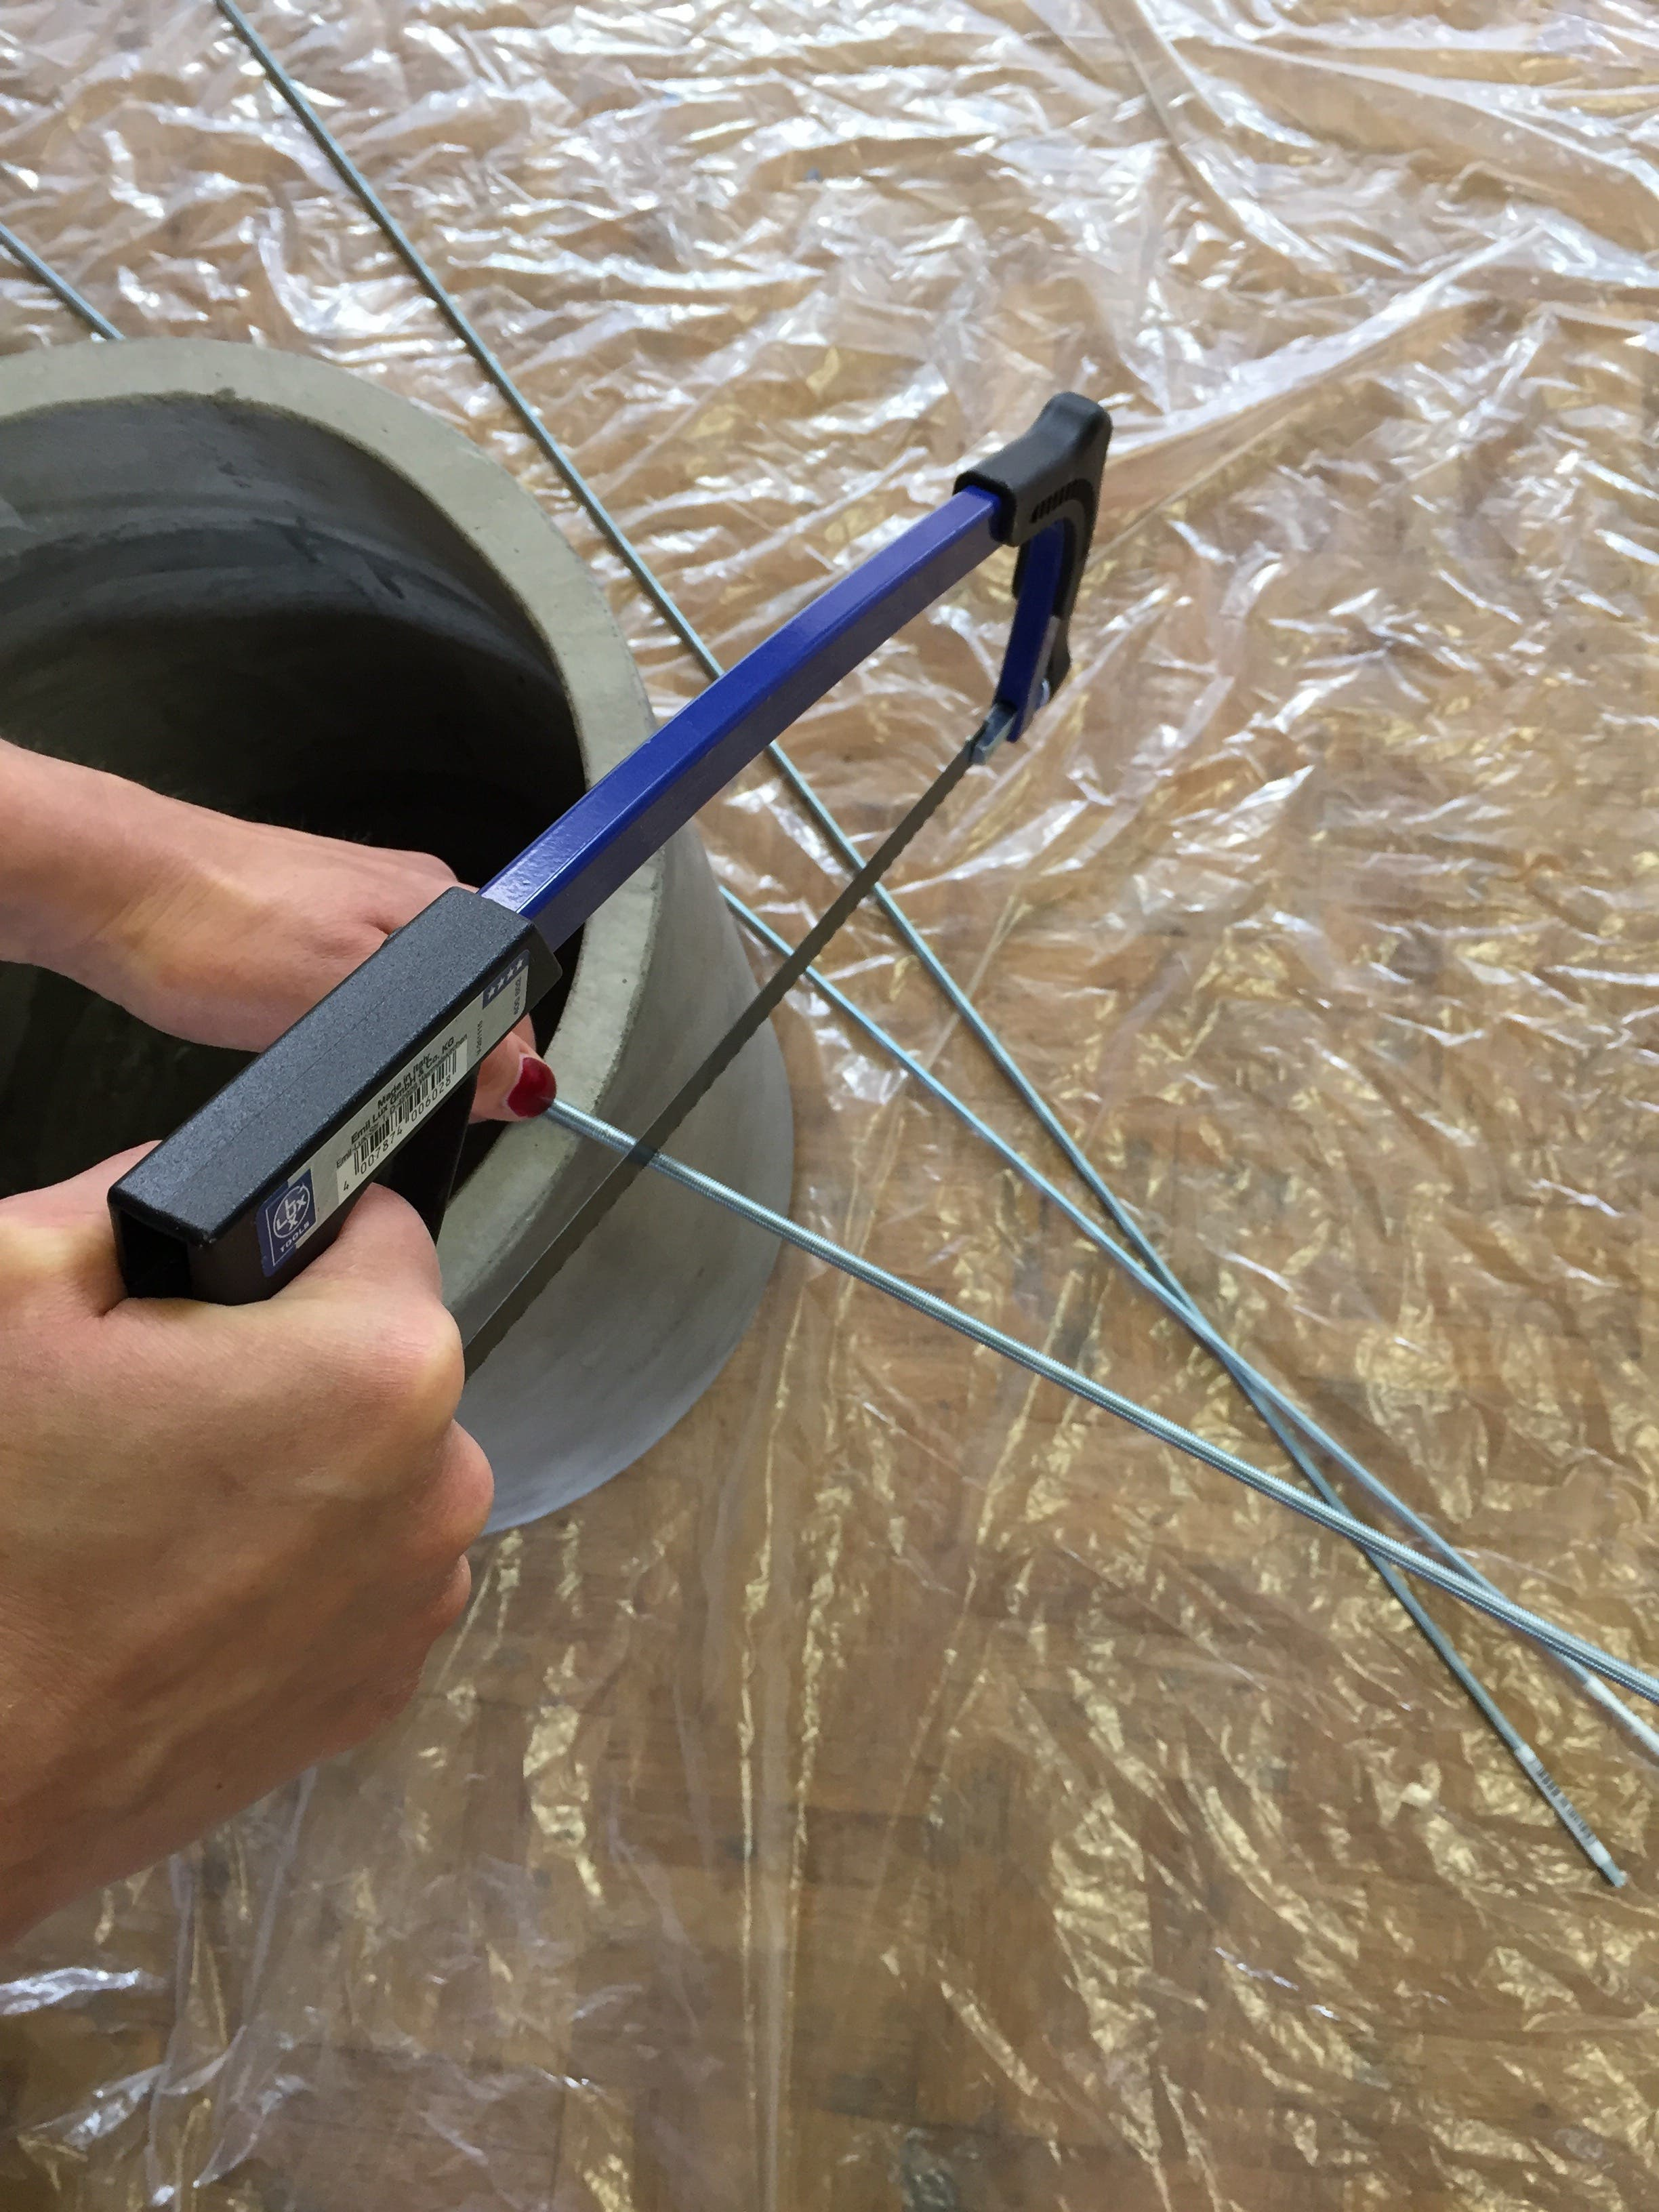 Als Nächstes die Gewindestangen mit einer Metallsäge kürzen, sodass sie genau in den Topf passen. (Bild: Migros)